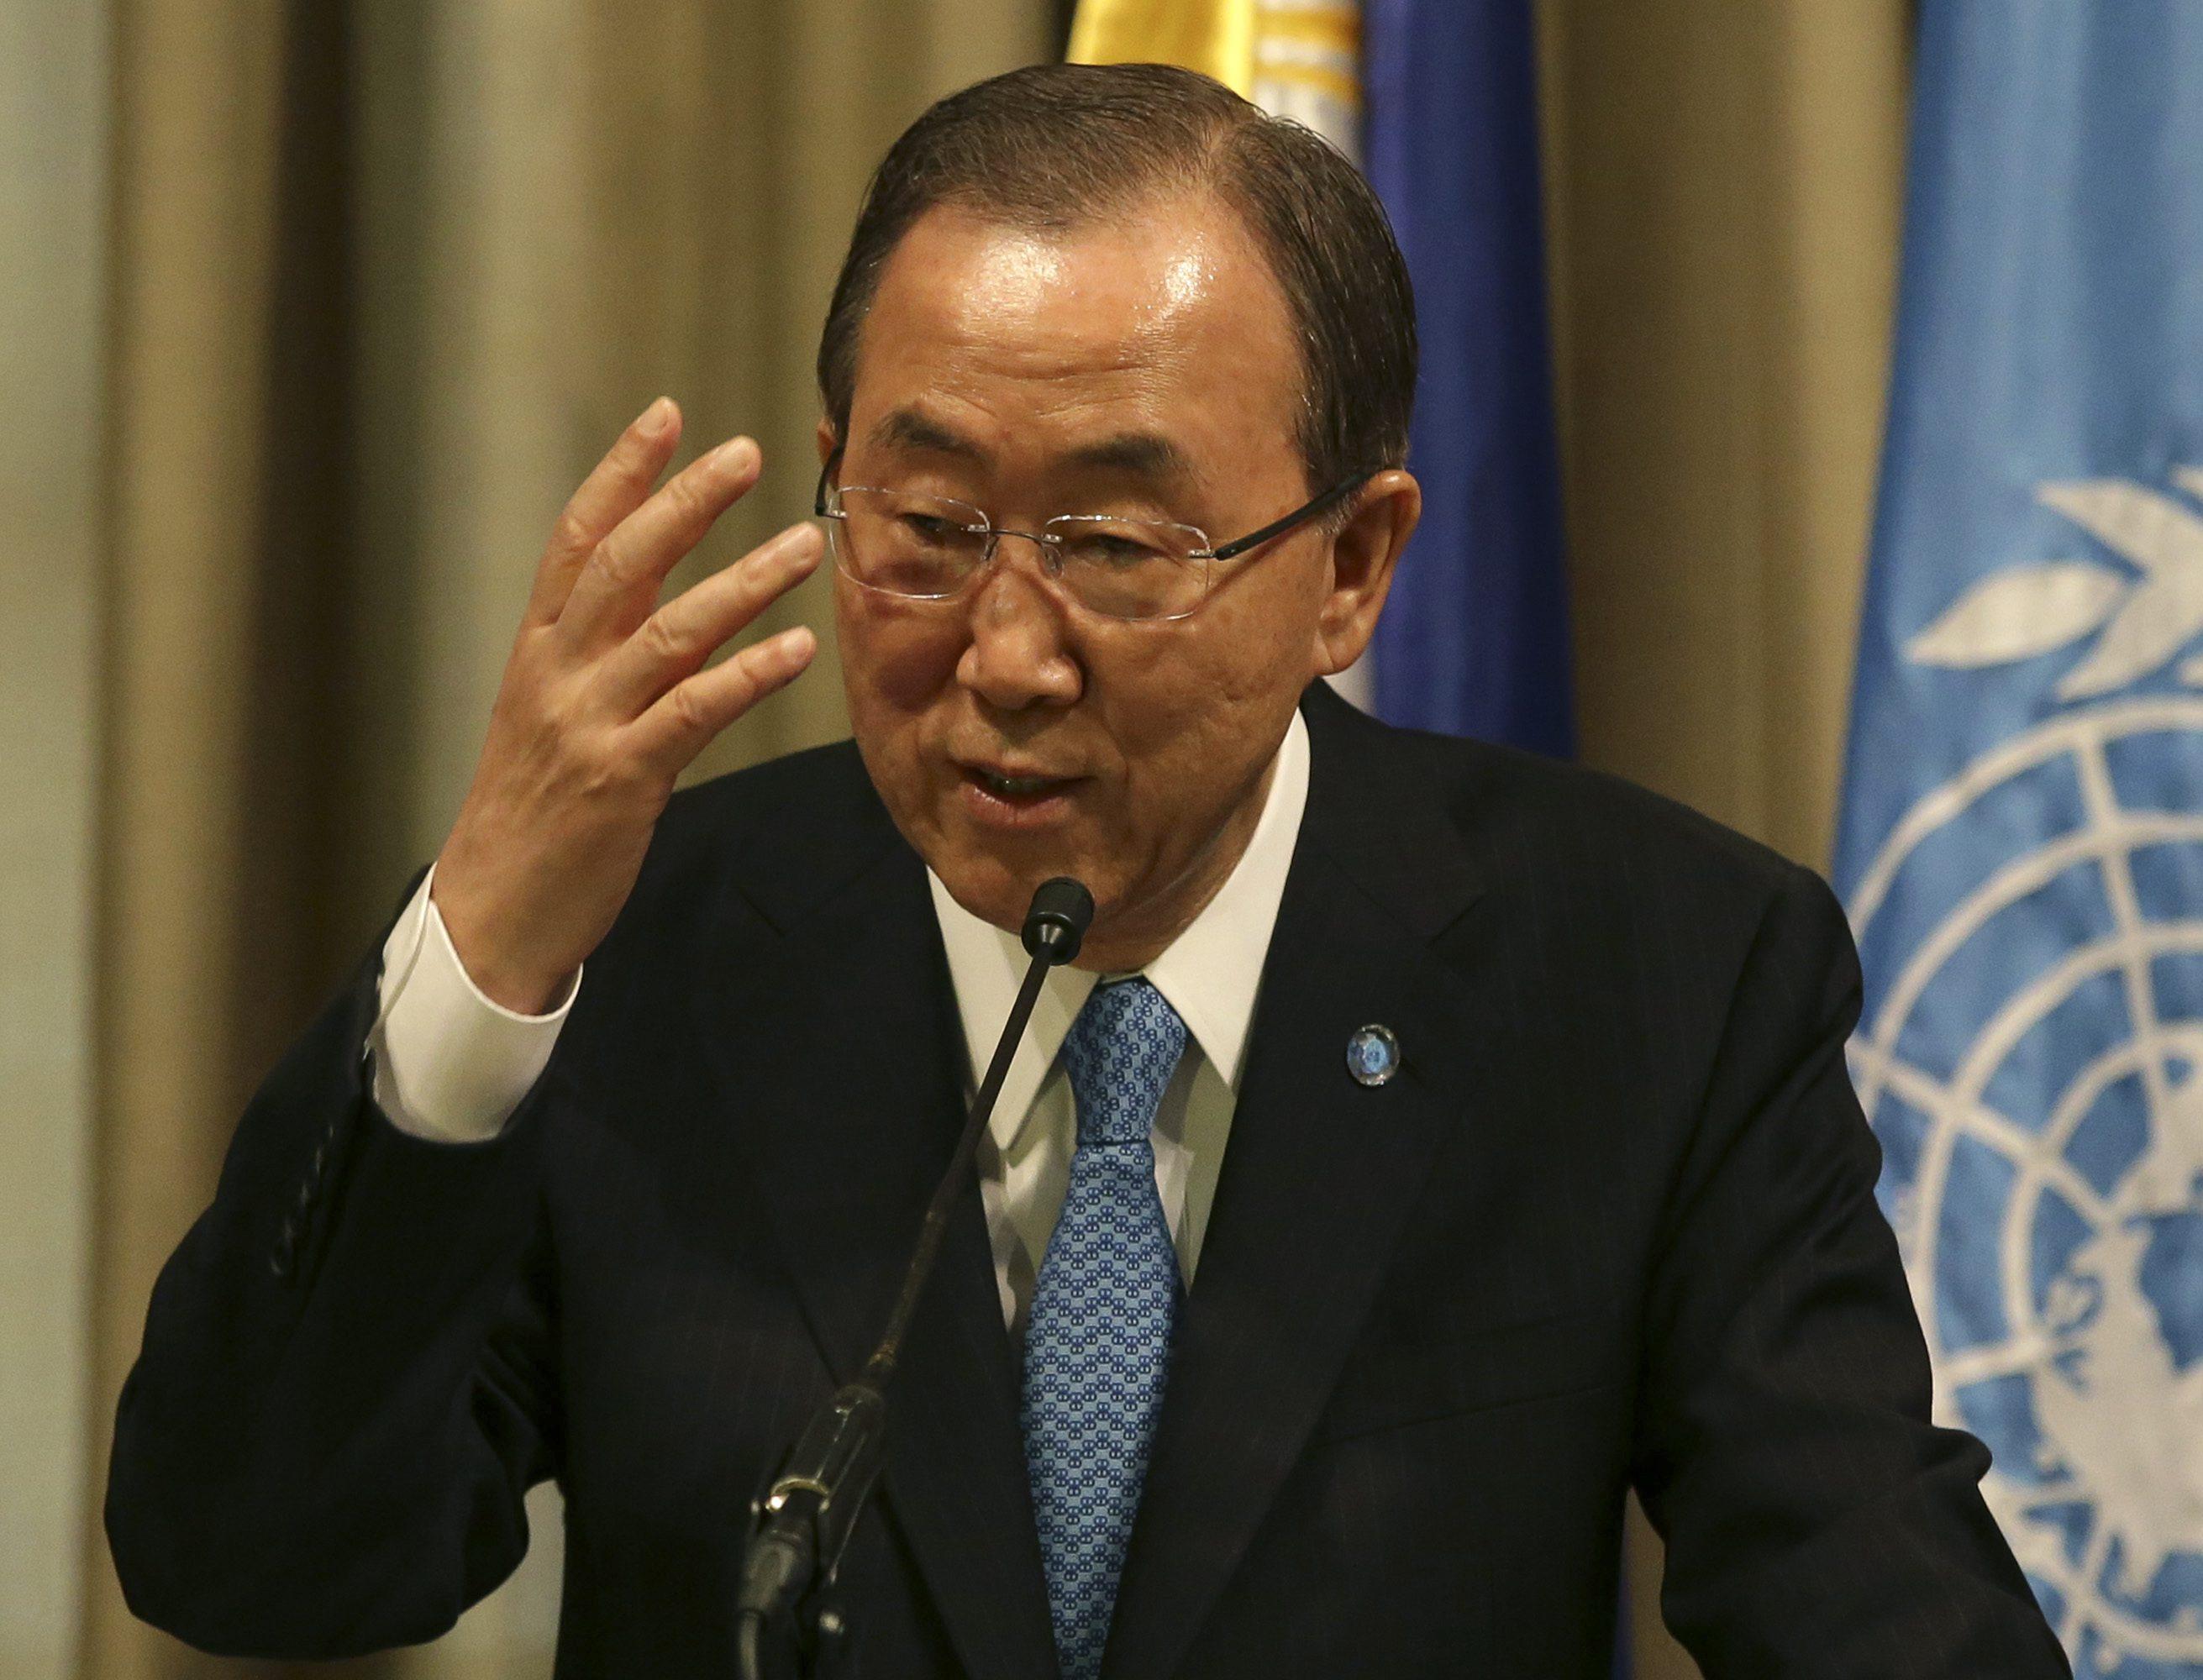 Giornata Memoria, Ban Ki-moon: non c'è futuro senza ricordare passato